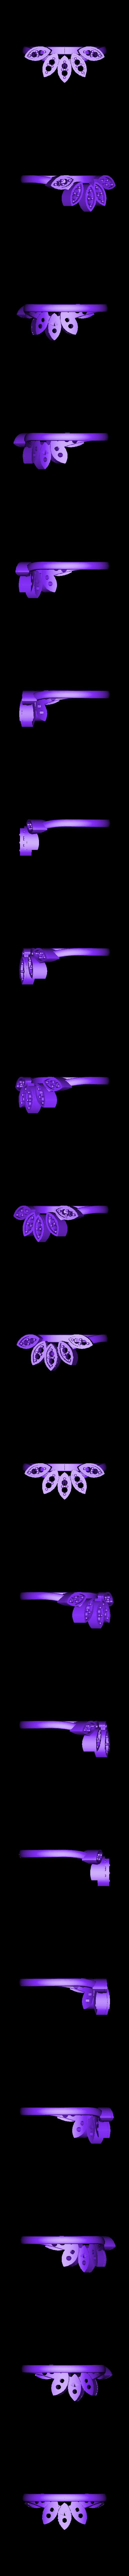 stl.stl Télécharger fichier OBJ gratuit Bague Marquise • Plan à imprimer en 3D, Khatri3D